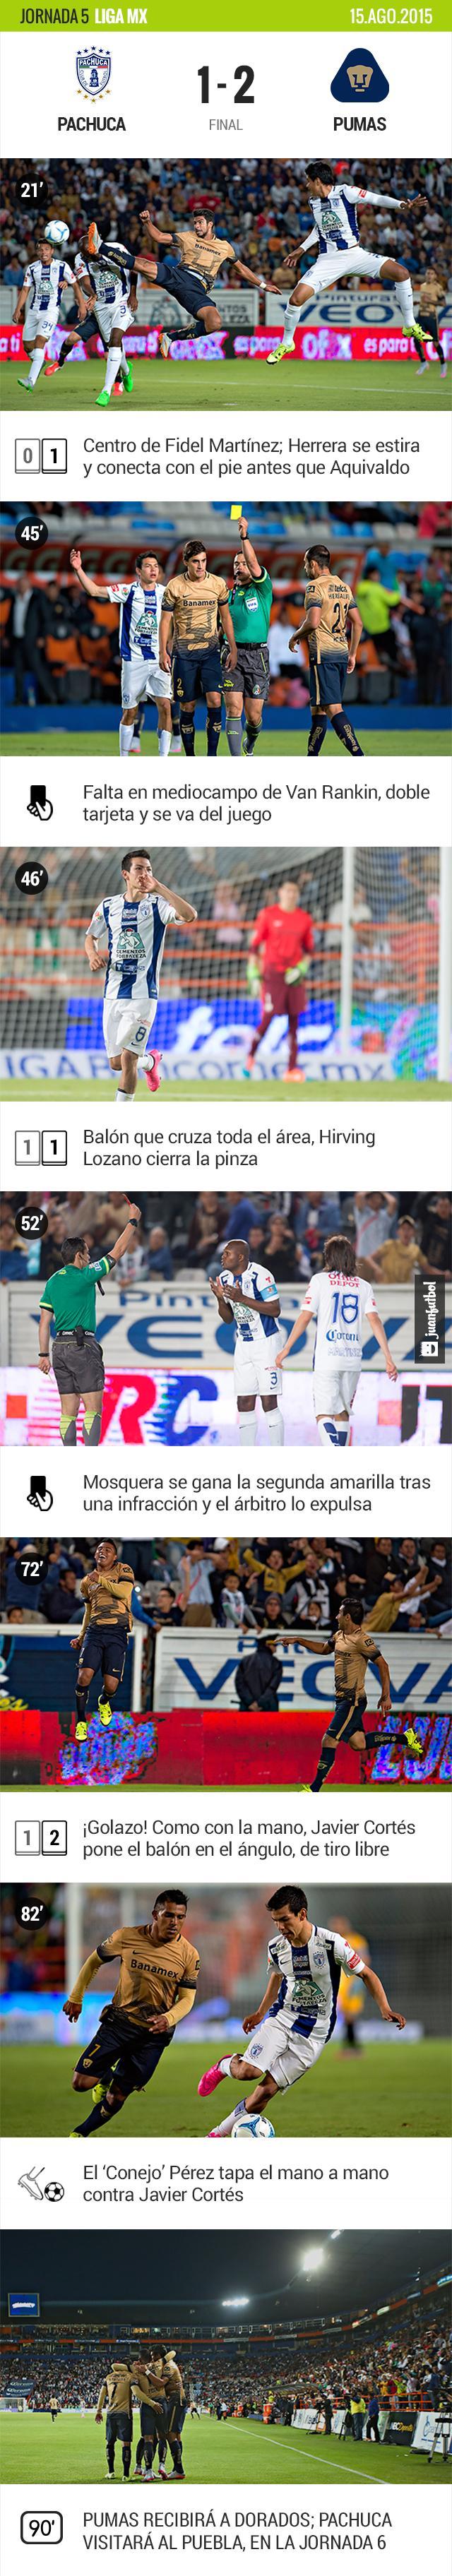 Pachuca 1-2 Pumas